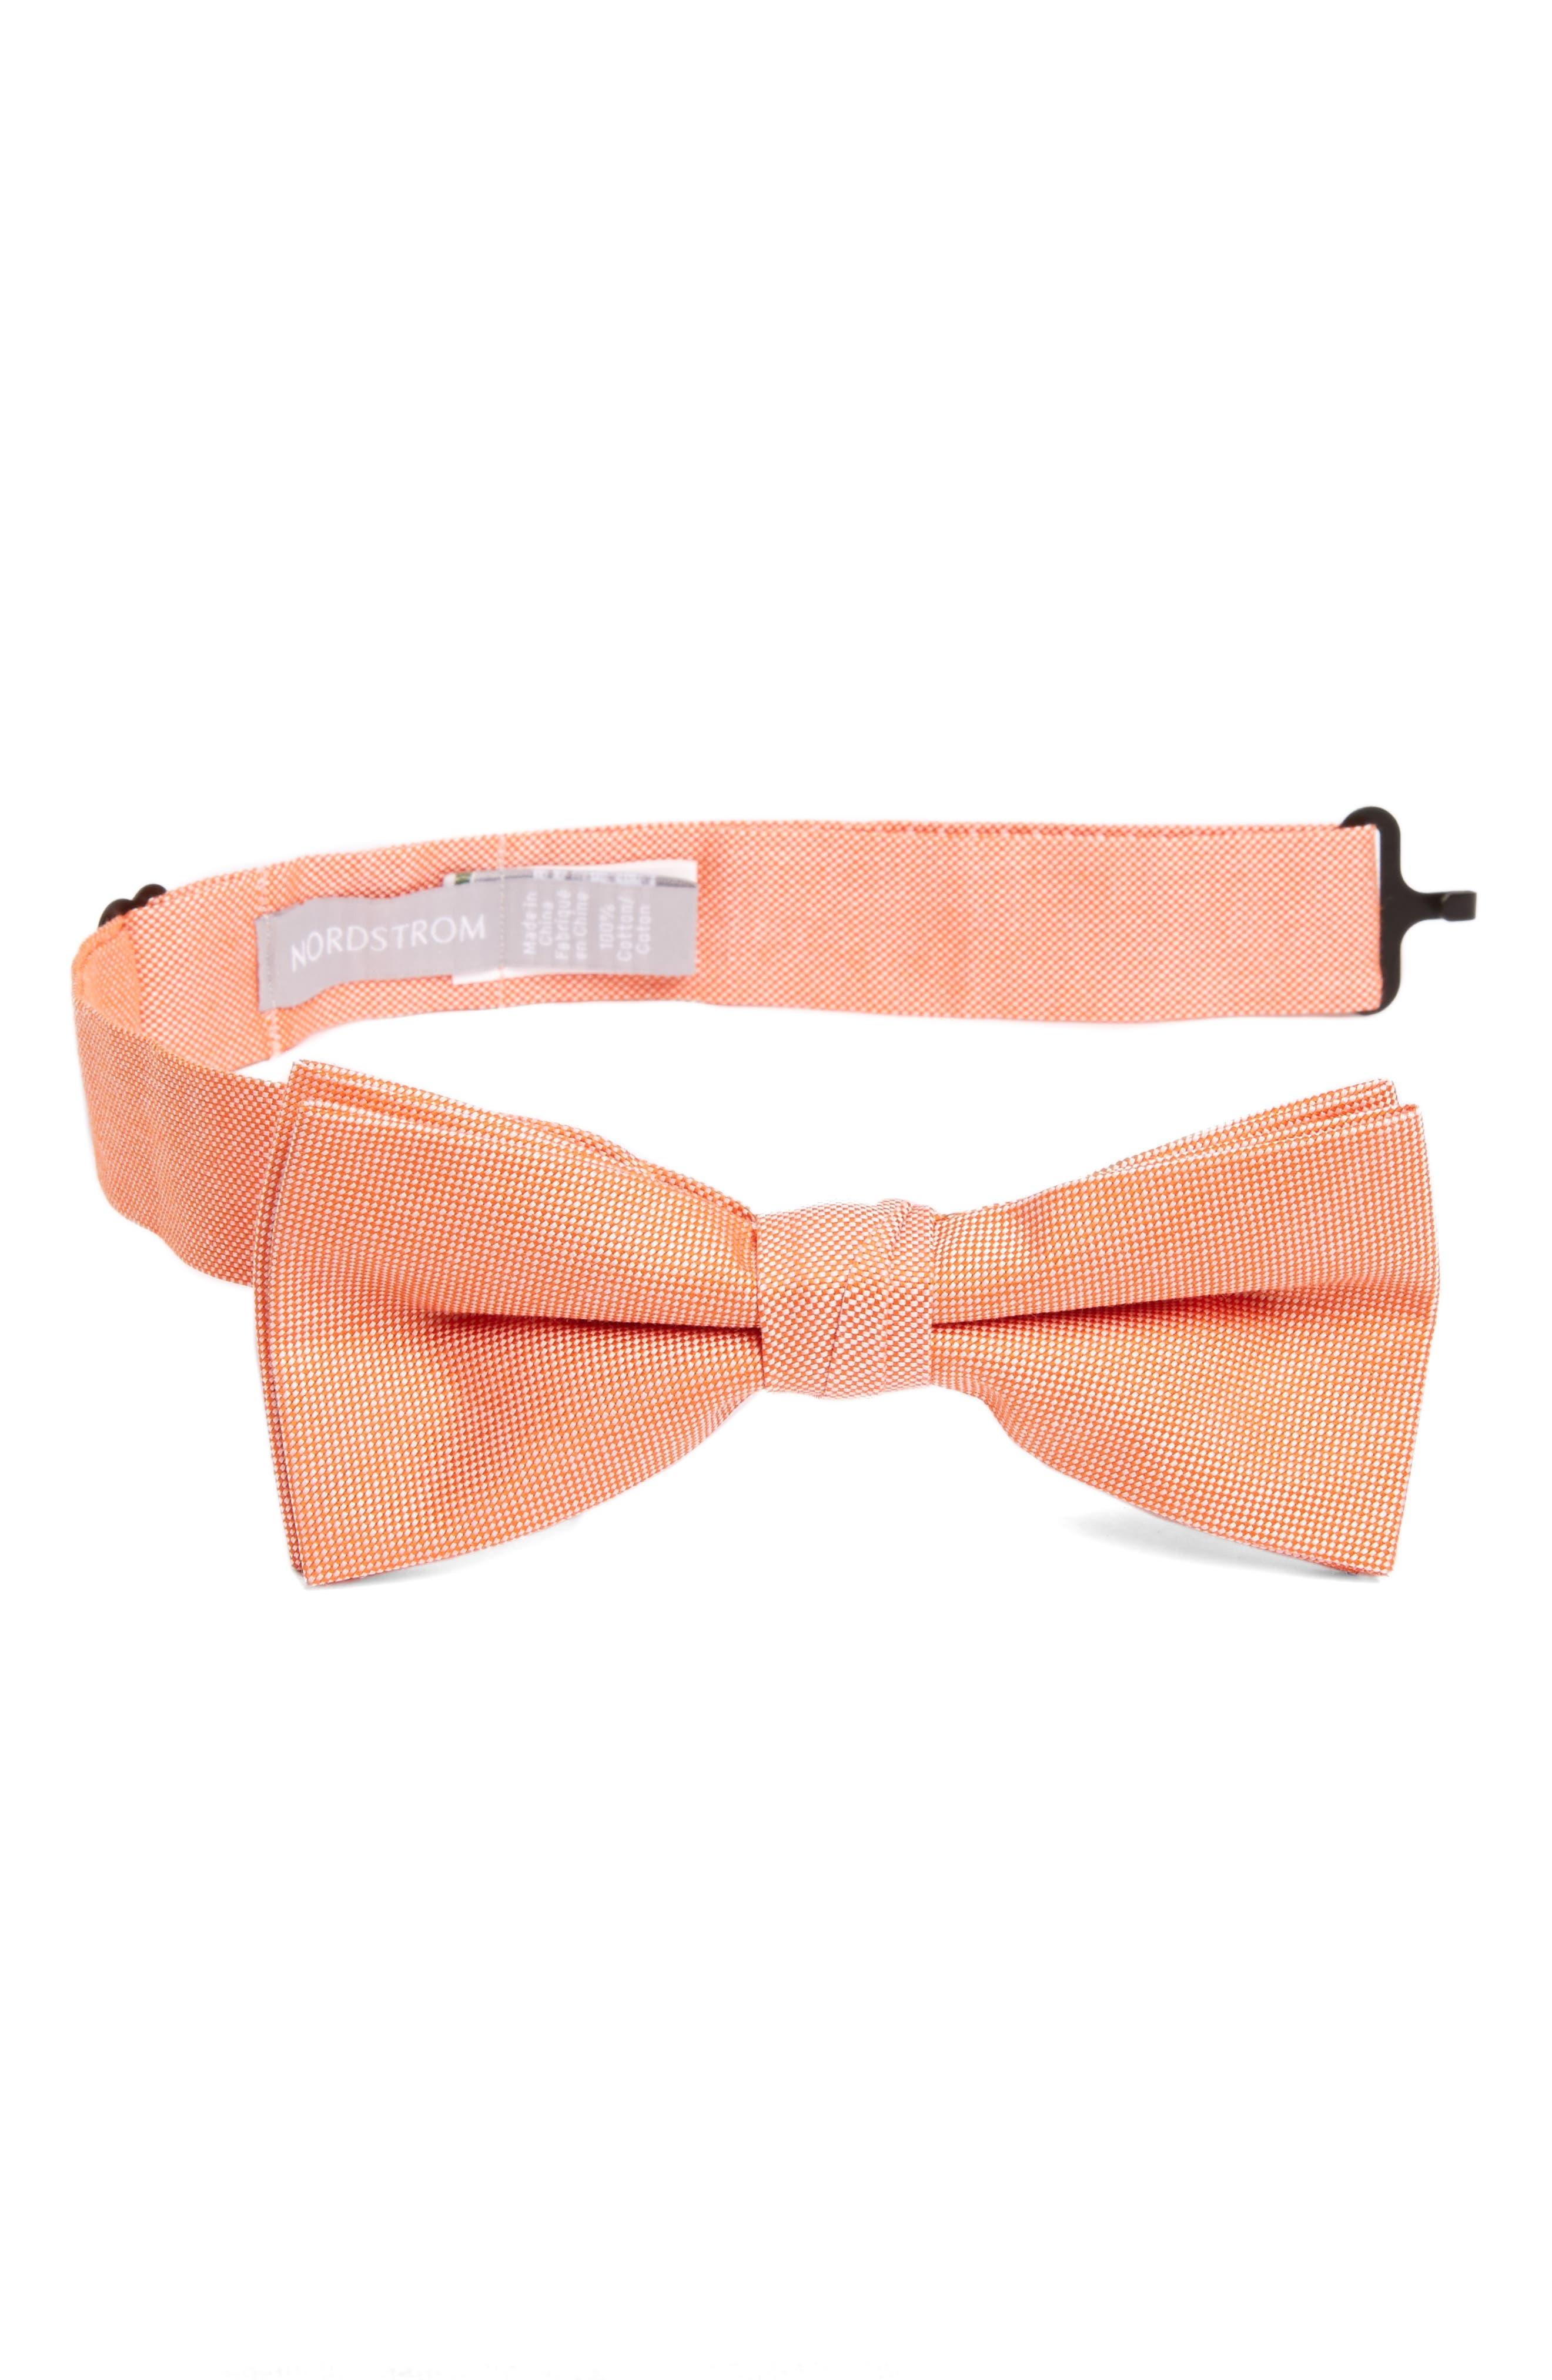 Nordstrom Check Cotton Bow Tie (Big Boys)